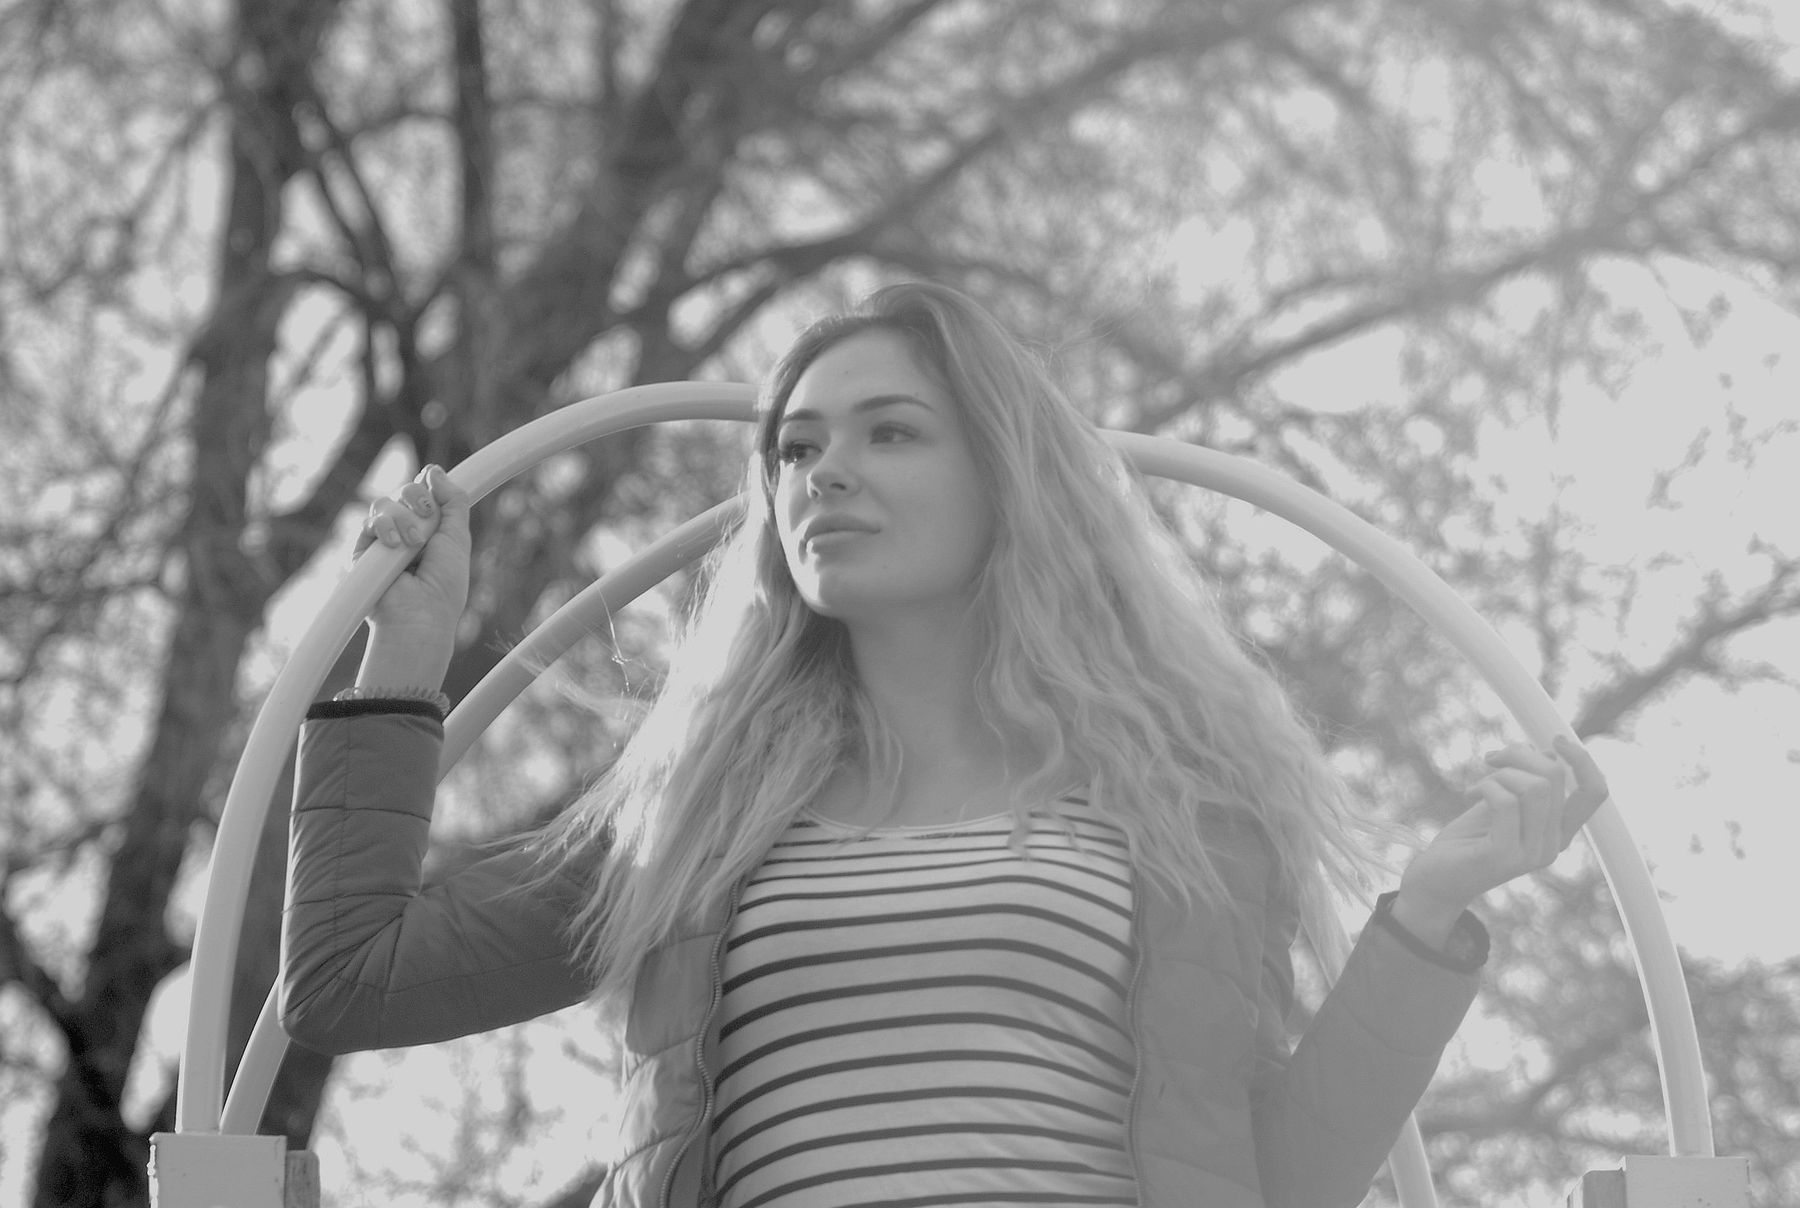 Диана портрет модель фотоувеличитель